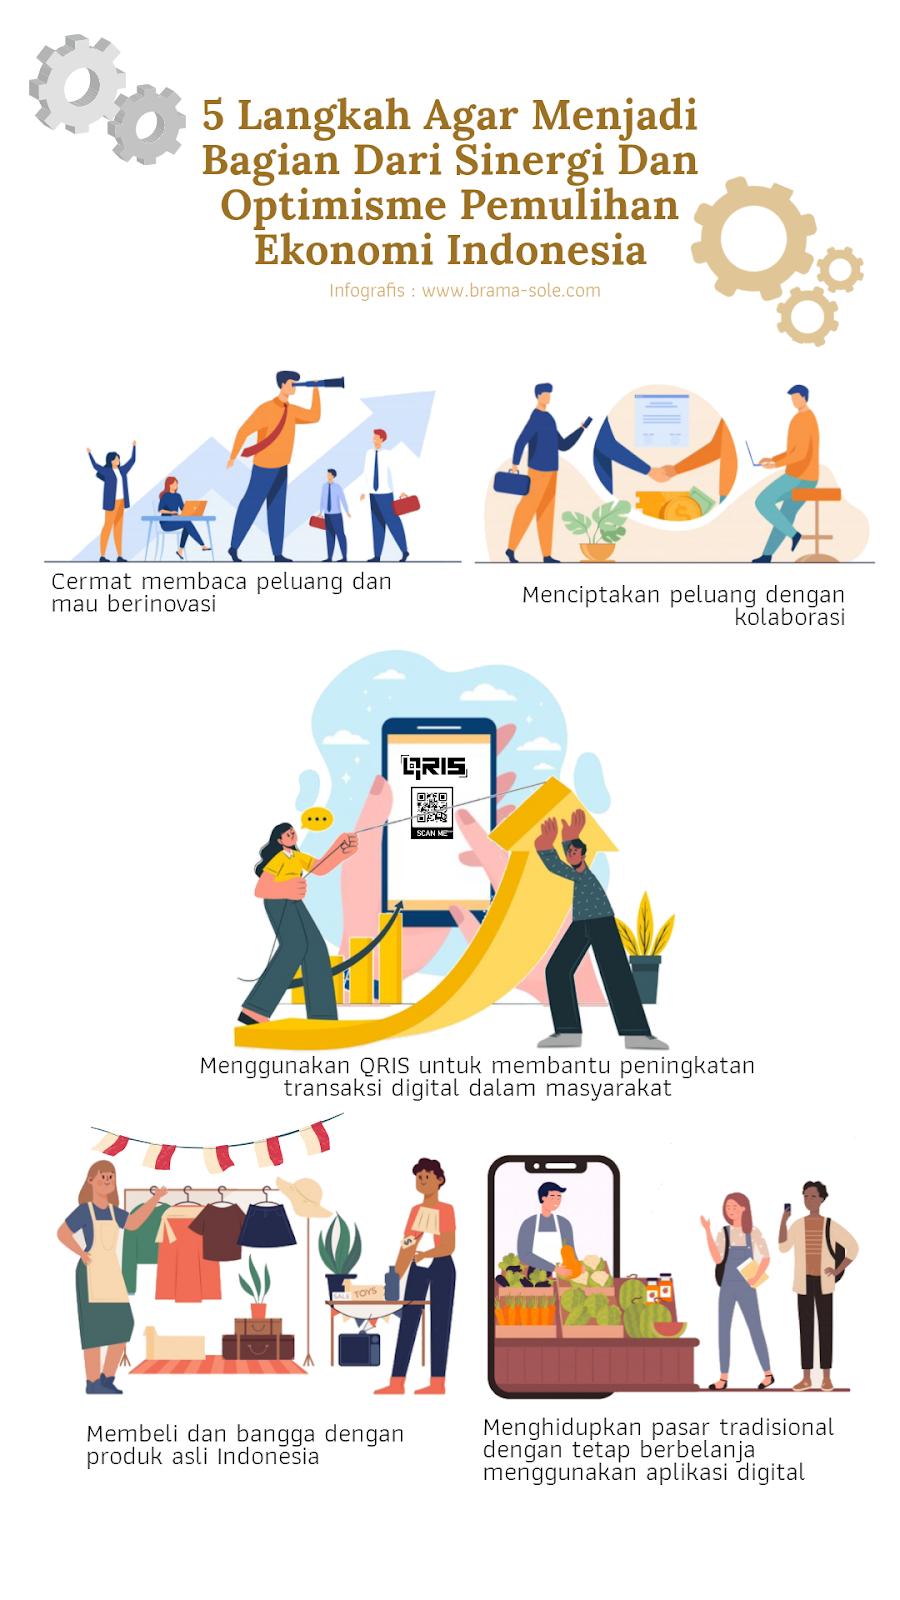 Langkah Apa Yang Bisa Dilakukan Agar Dapat Menjadi Bagian Dari Sinergi Dan Optimisme Pemulihan Ekonomi Indonesia?